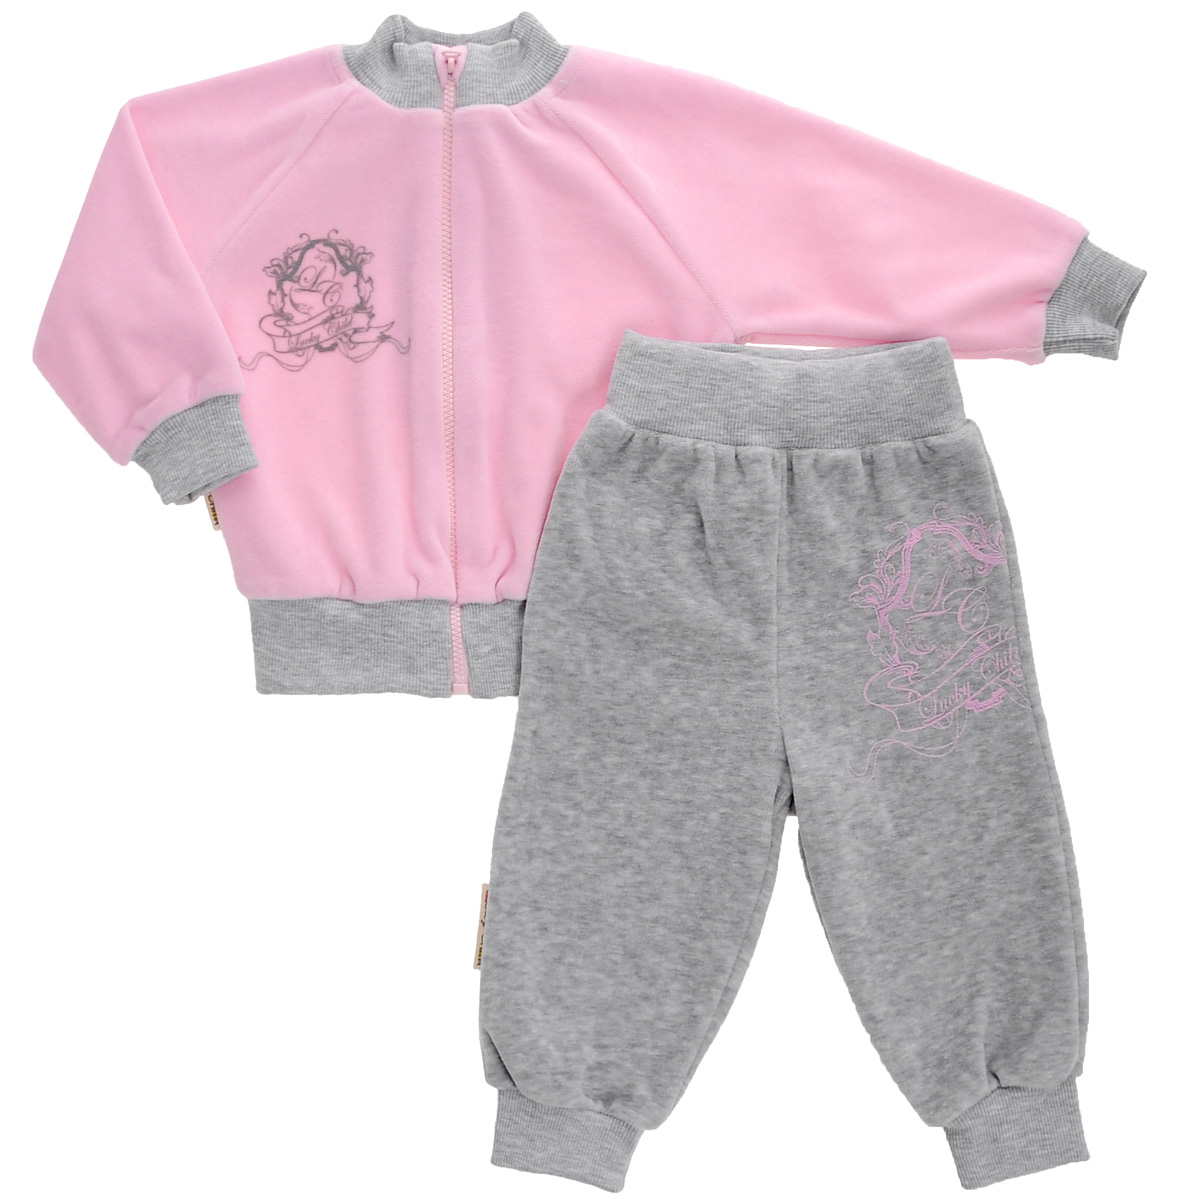 Комплект для девочки Lucky Child: толстовка, брюки, цвет: розовый, серый. 5-21. Размер 62/68